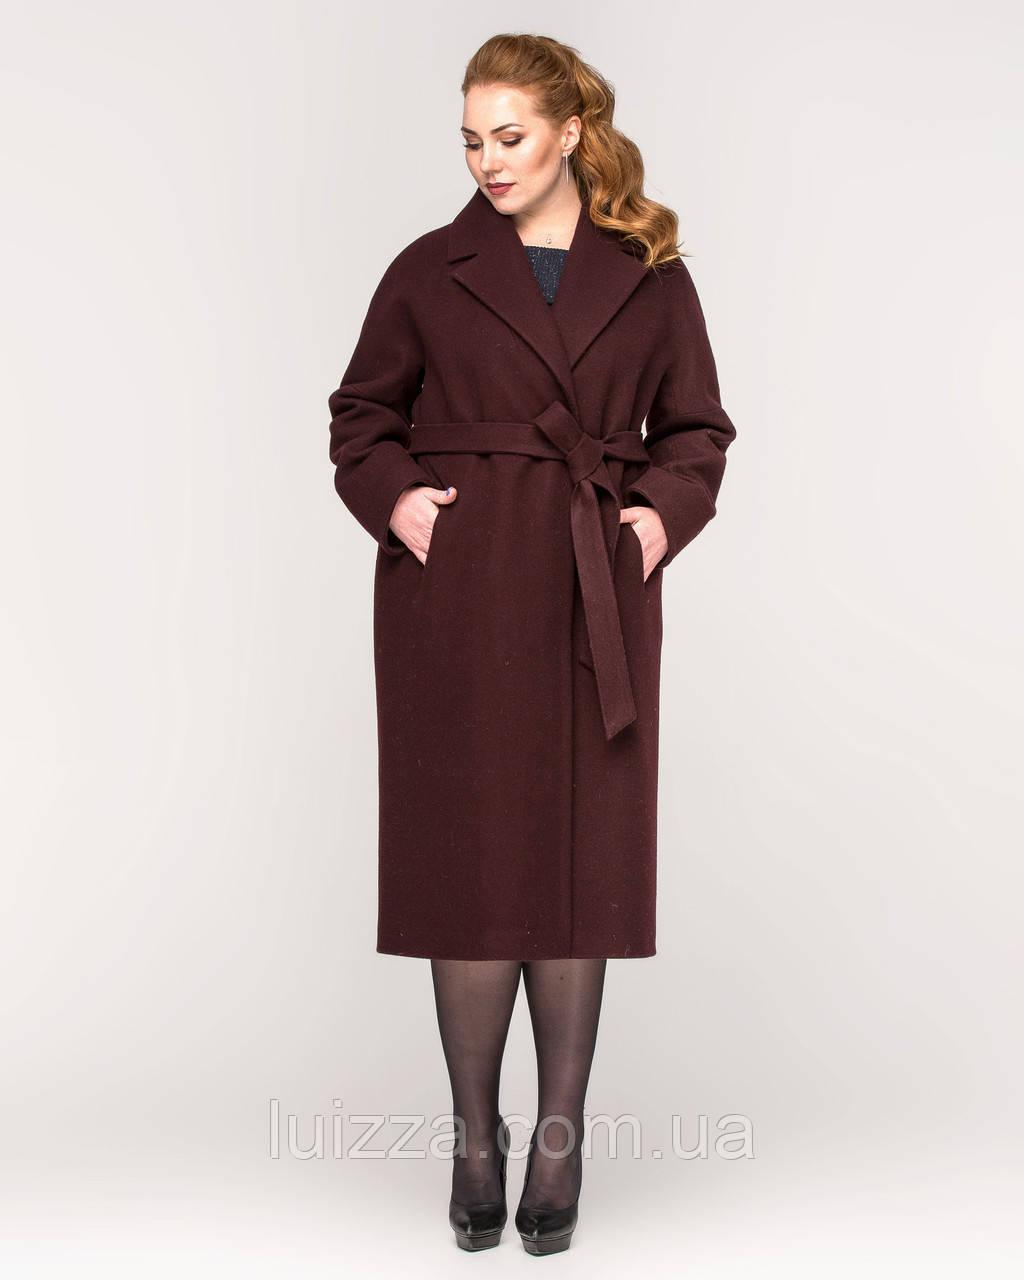 Пальто со спущенными рукавами 44-56р вино